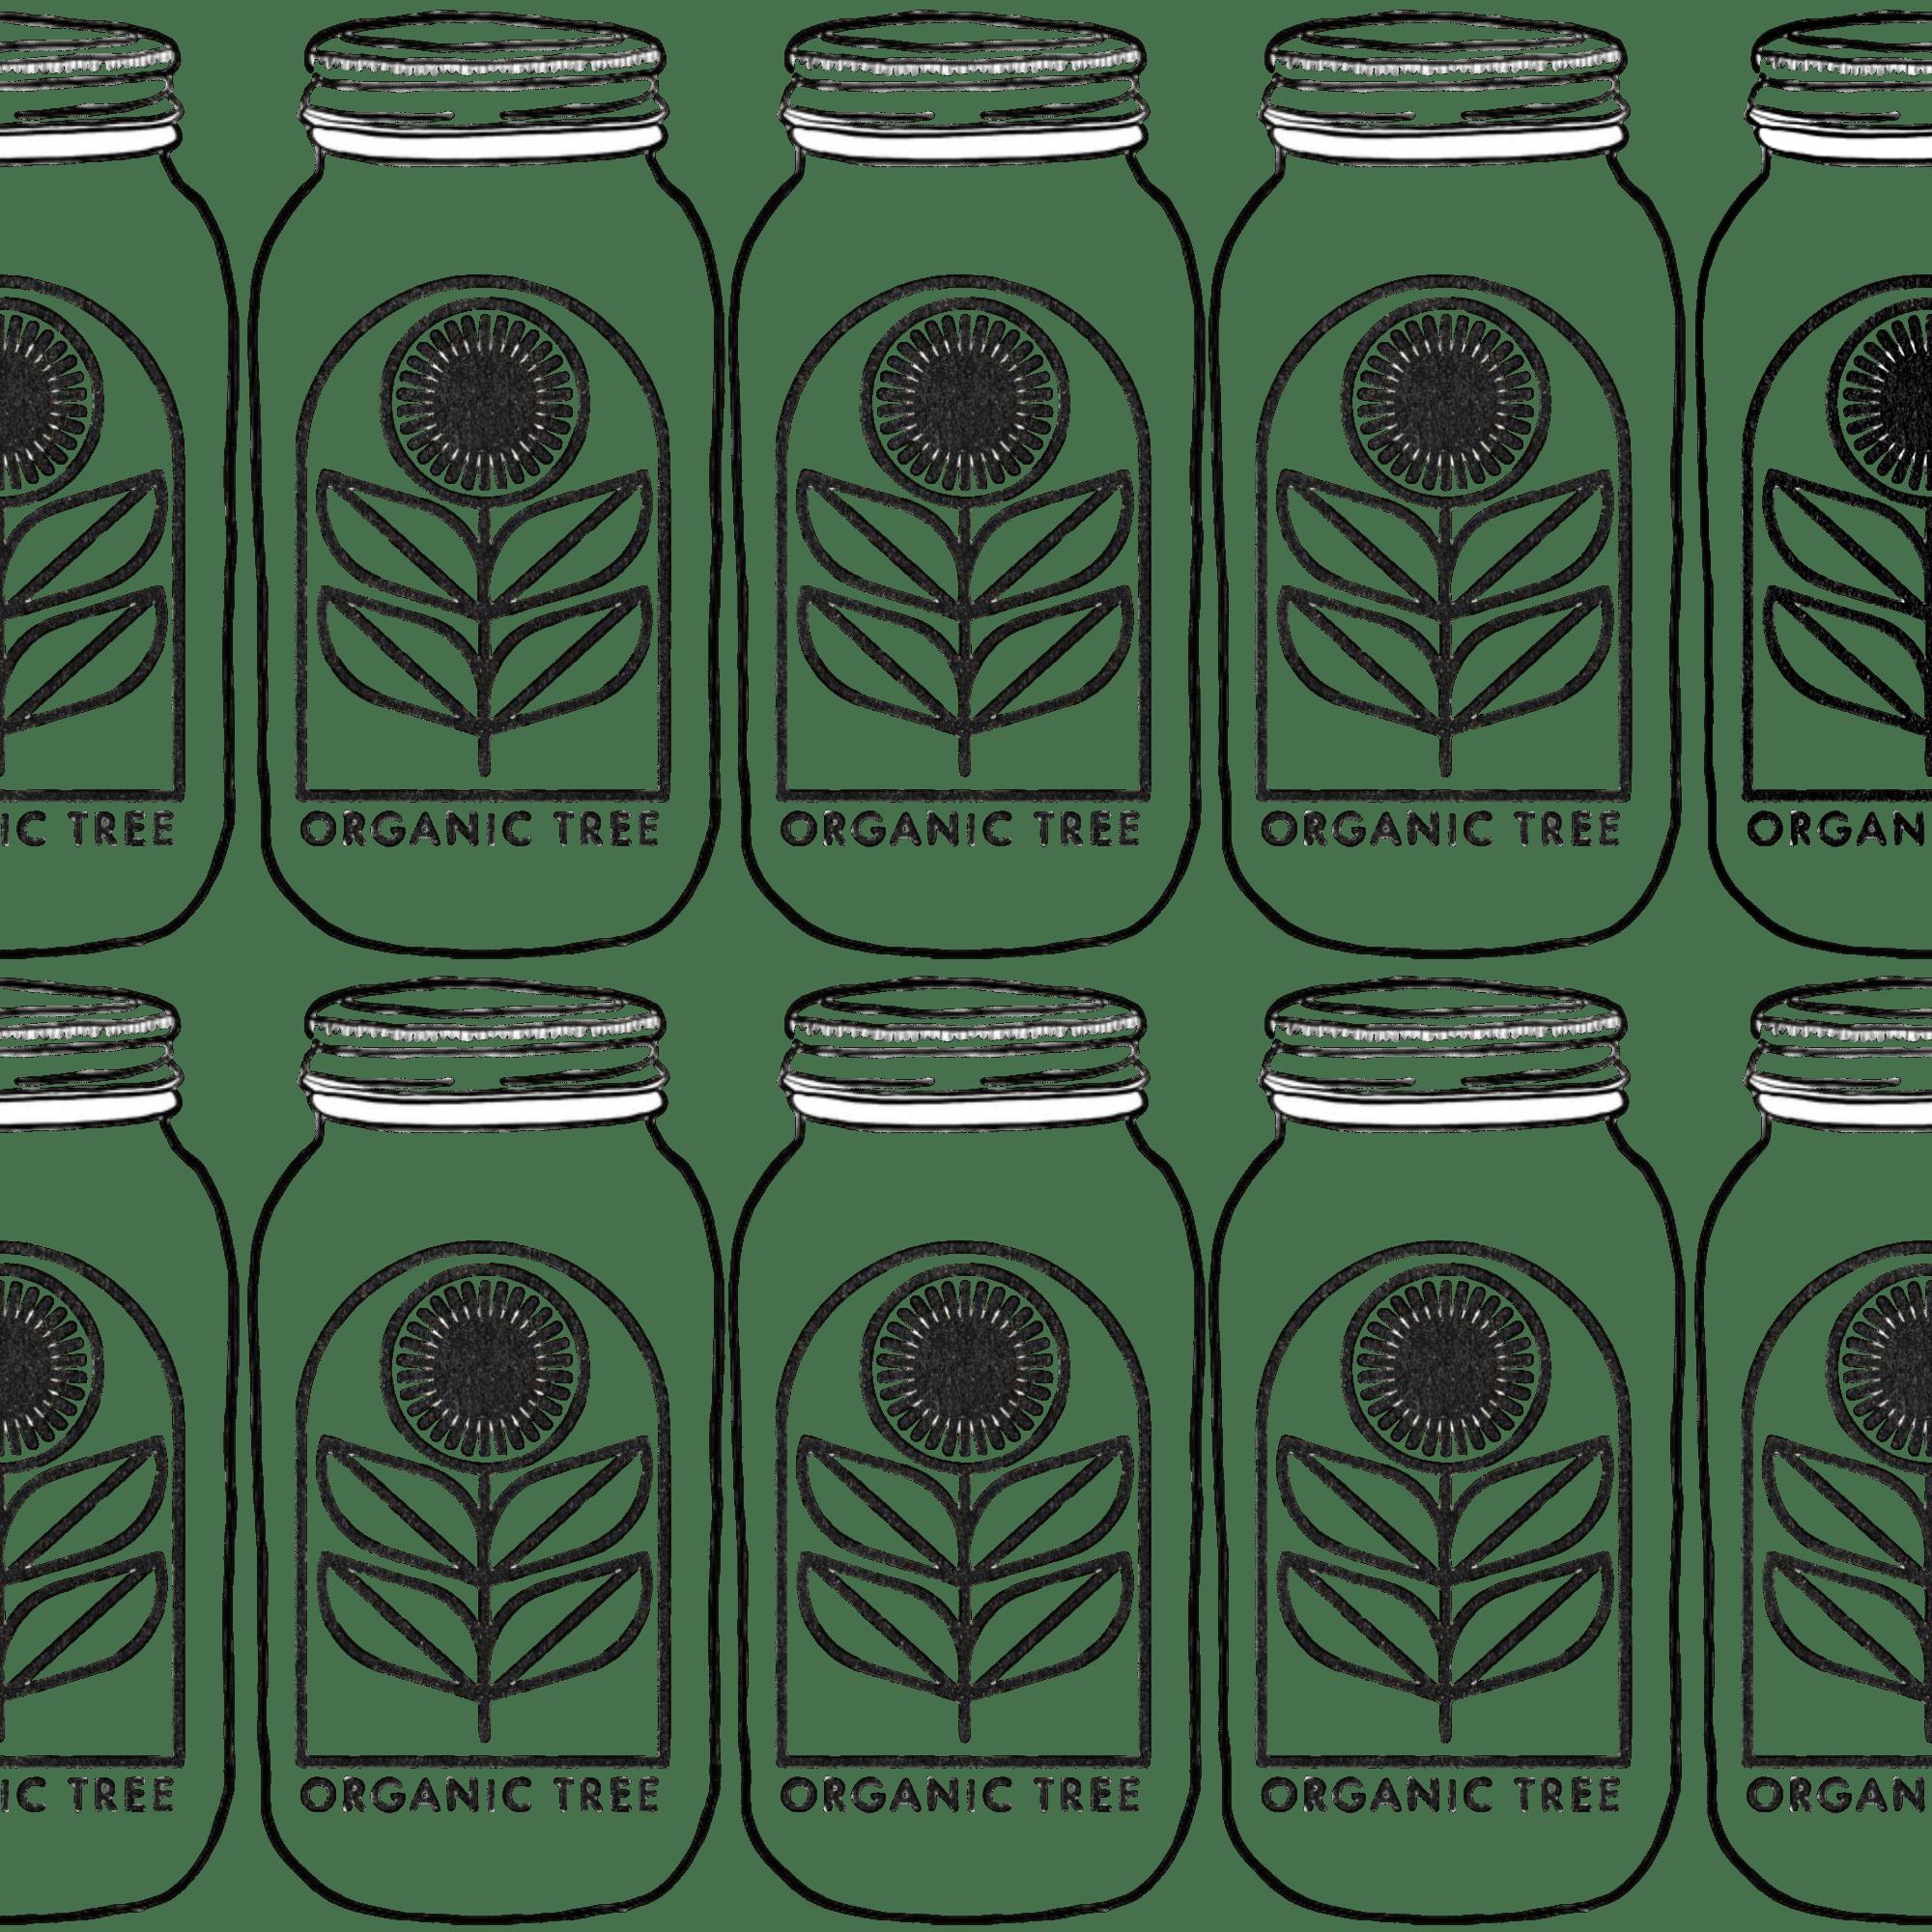 organic-tree-jars